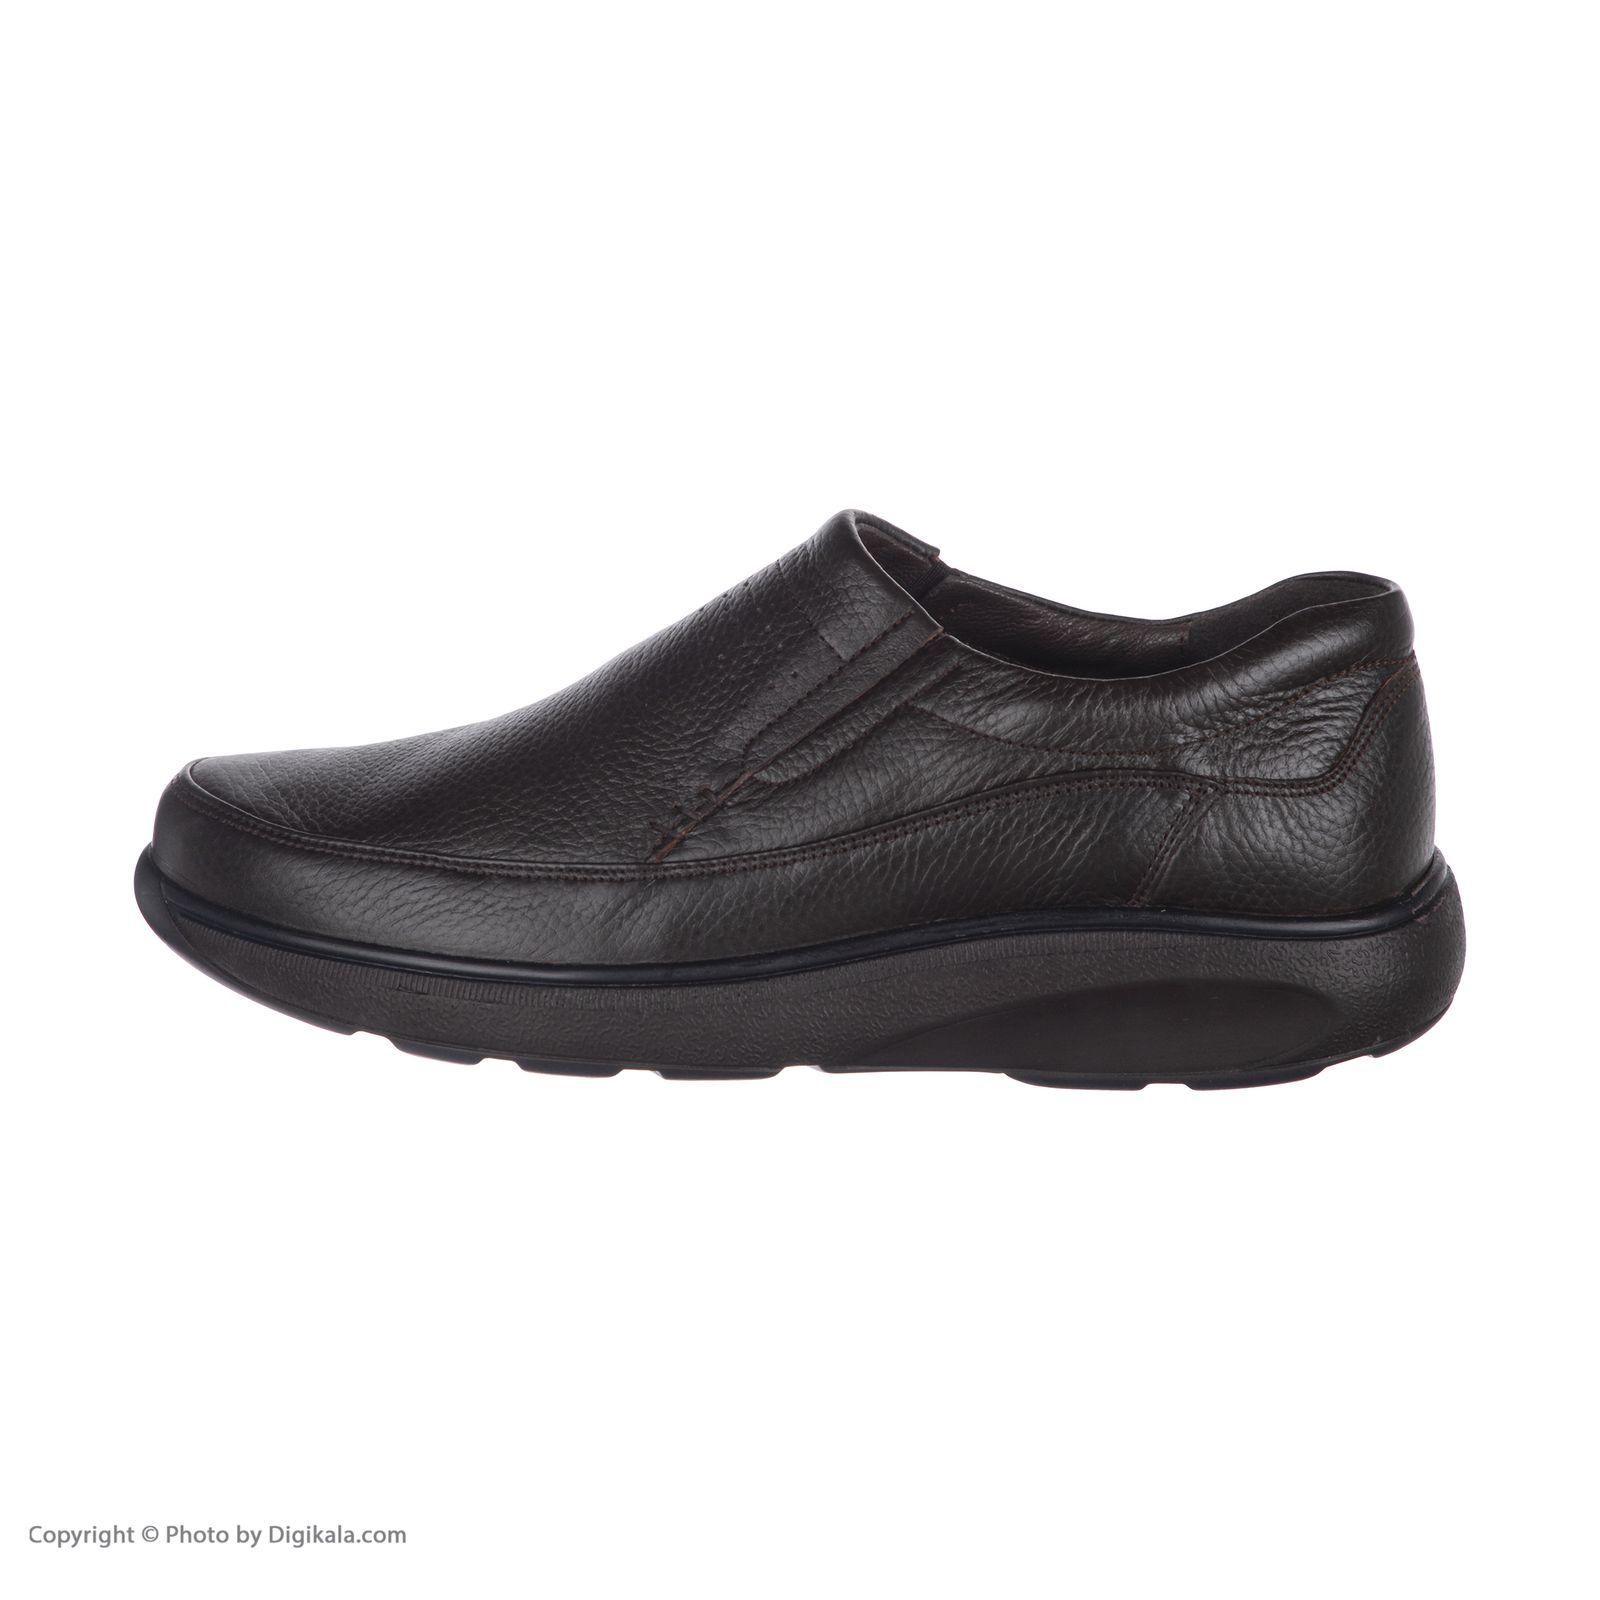 کفش روزمره مردانه دانادل مدل 8605A503104 -  - 1